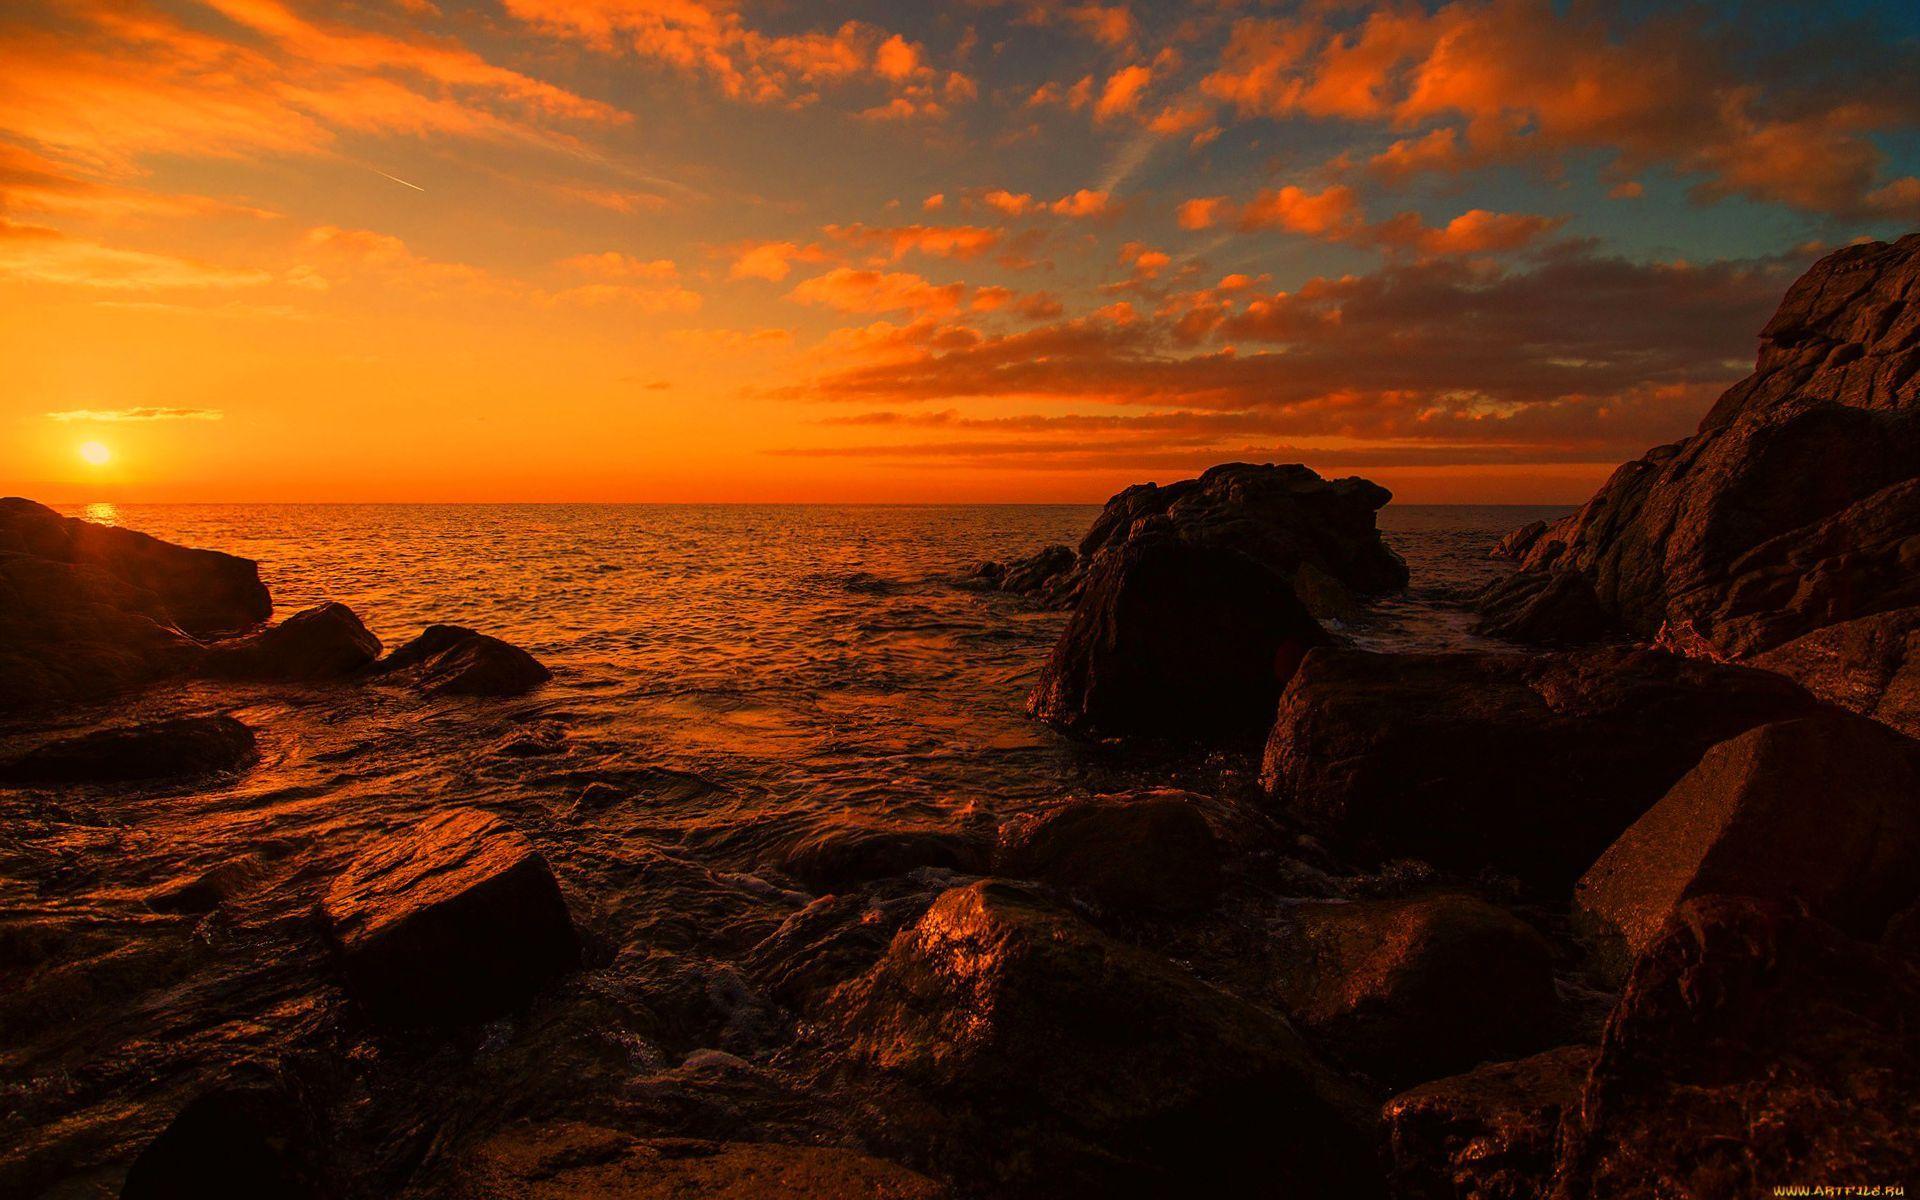 24992 скачать обои Пейзаж, Закат, Камни, Море, Облака, Волны - заставки и картинки бесплатно